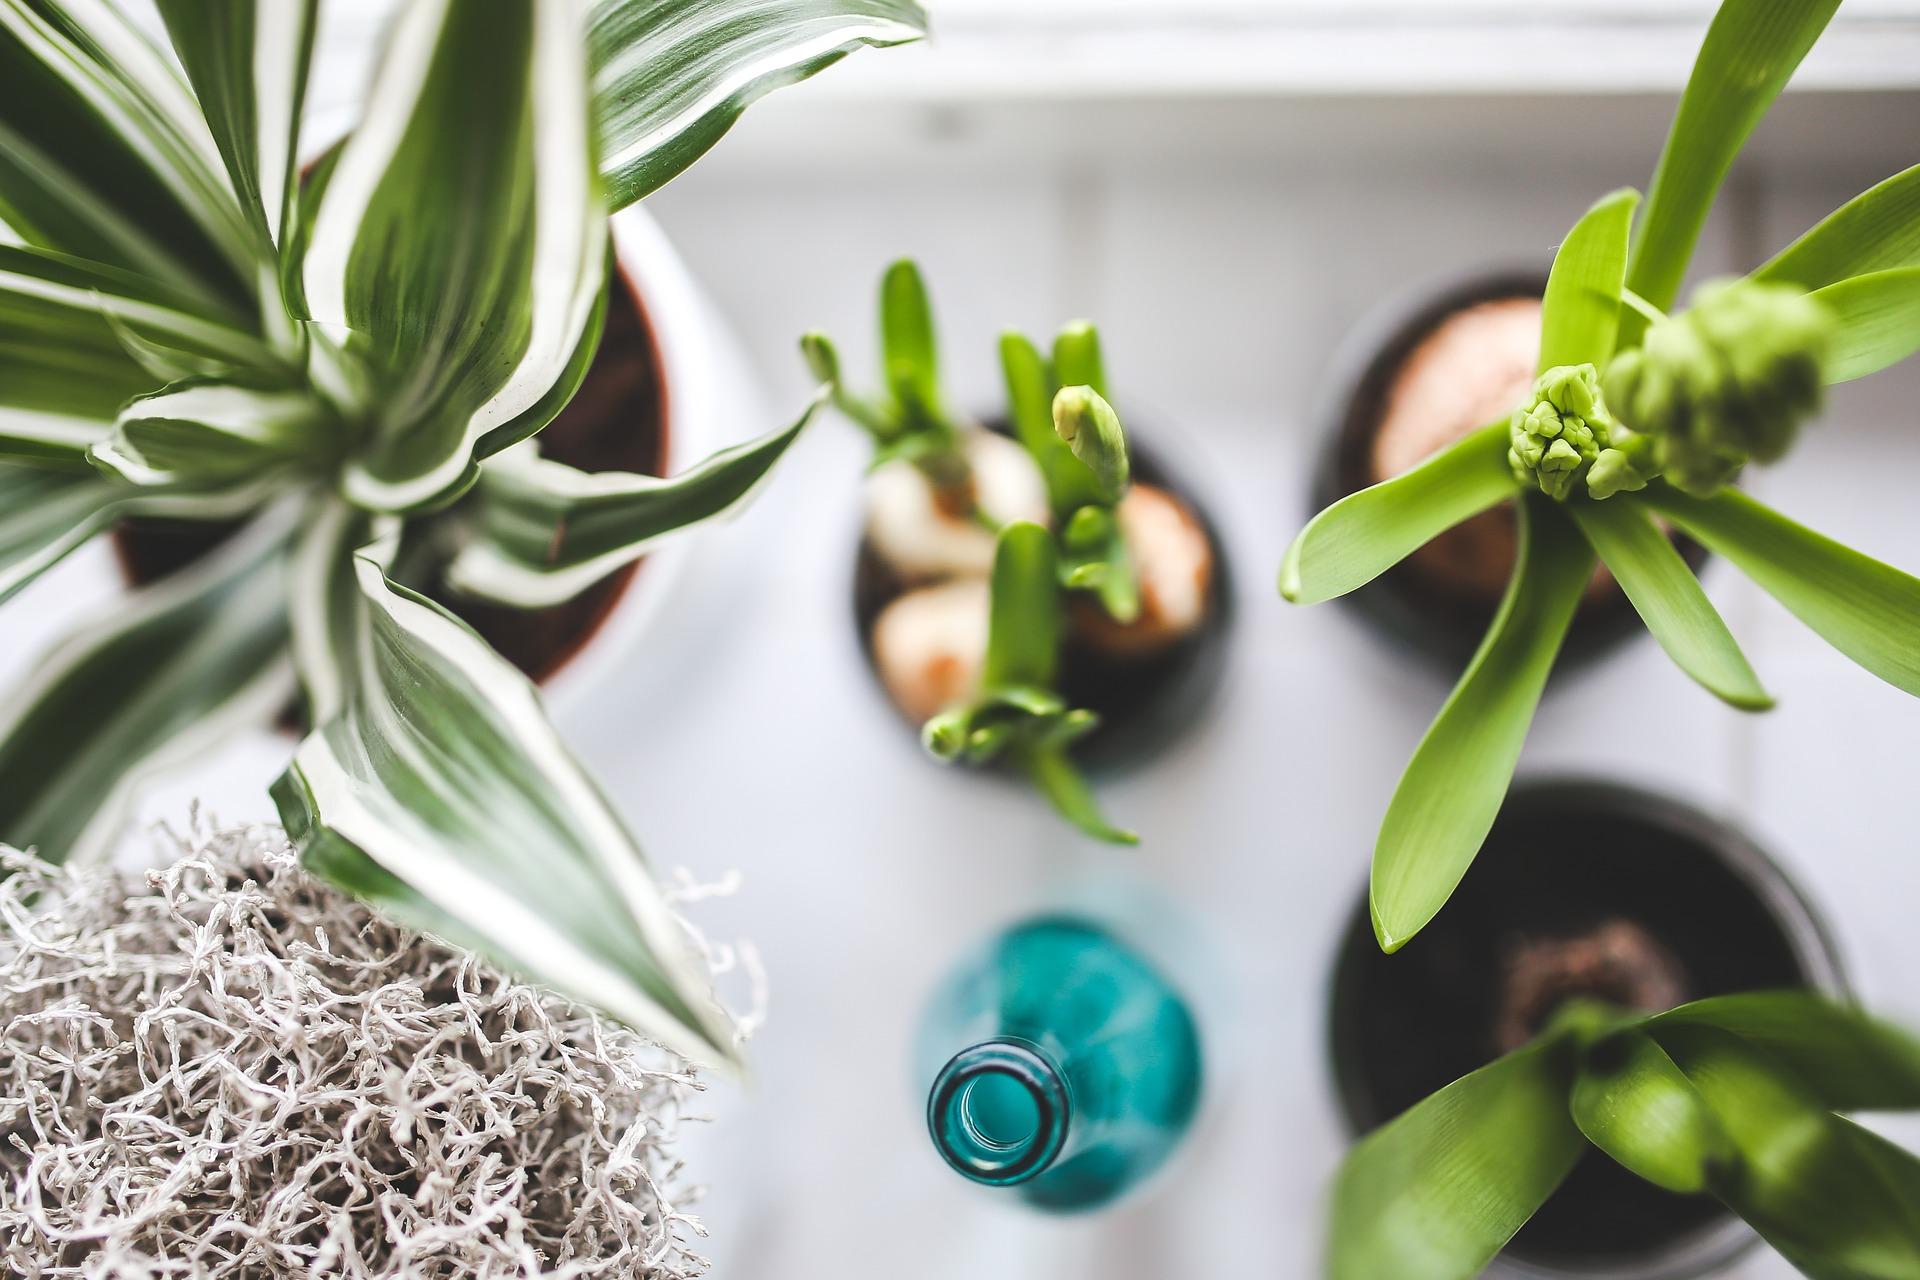 Scegliere le piante adatte per l'ufficio